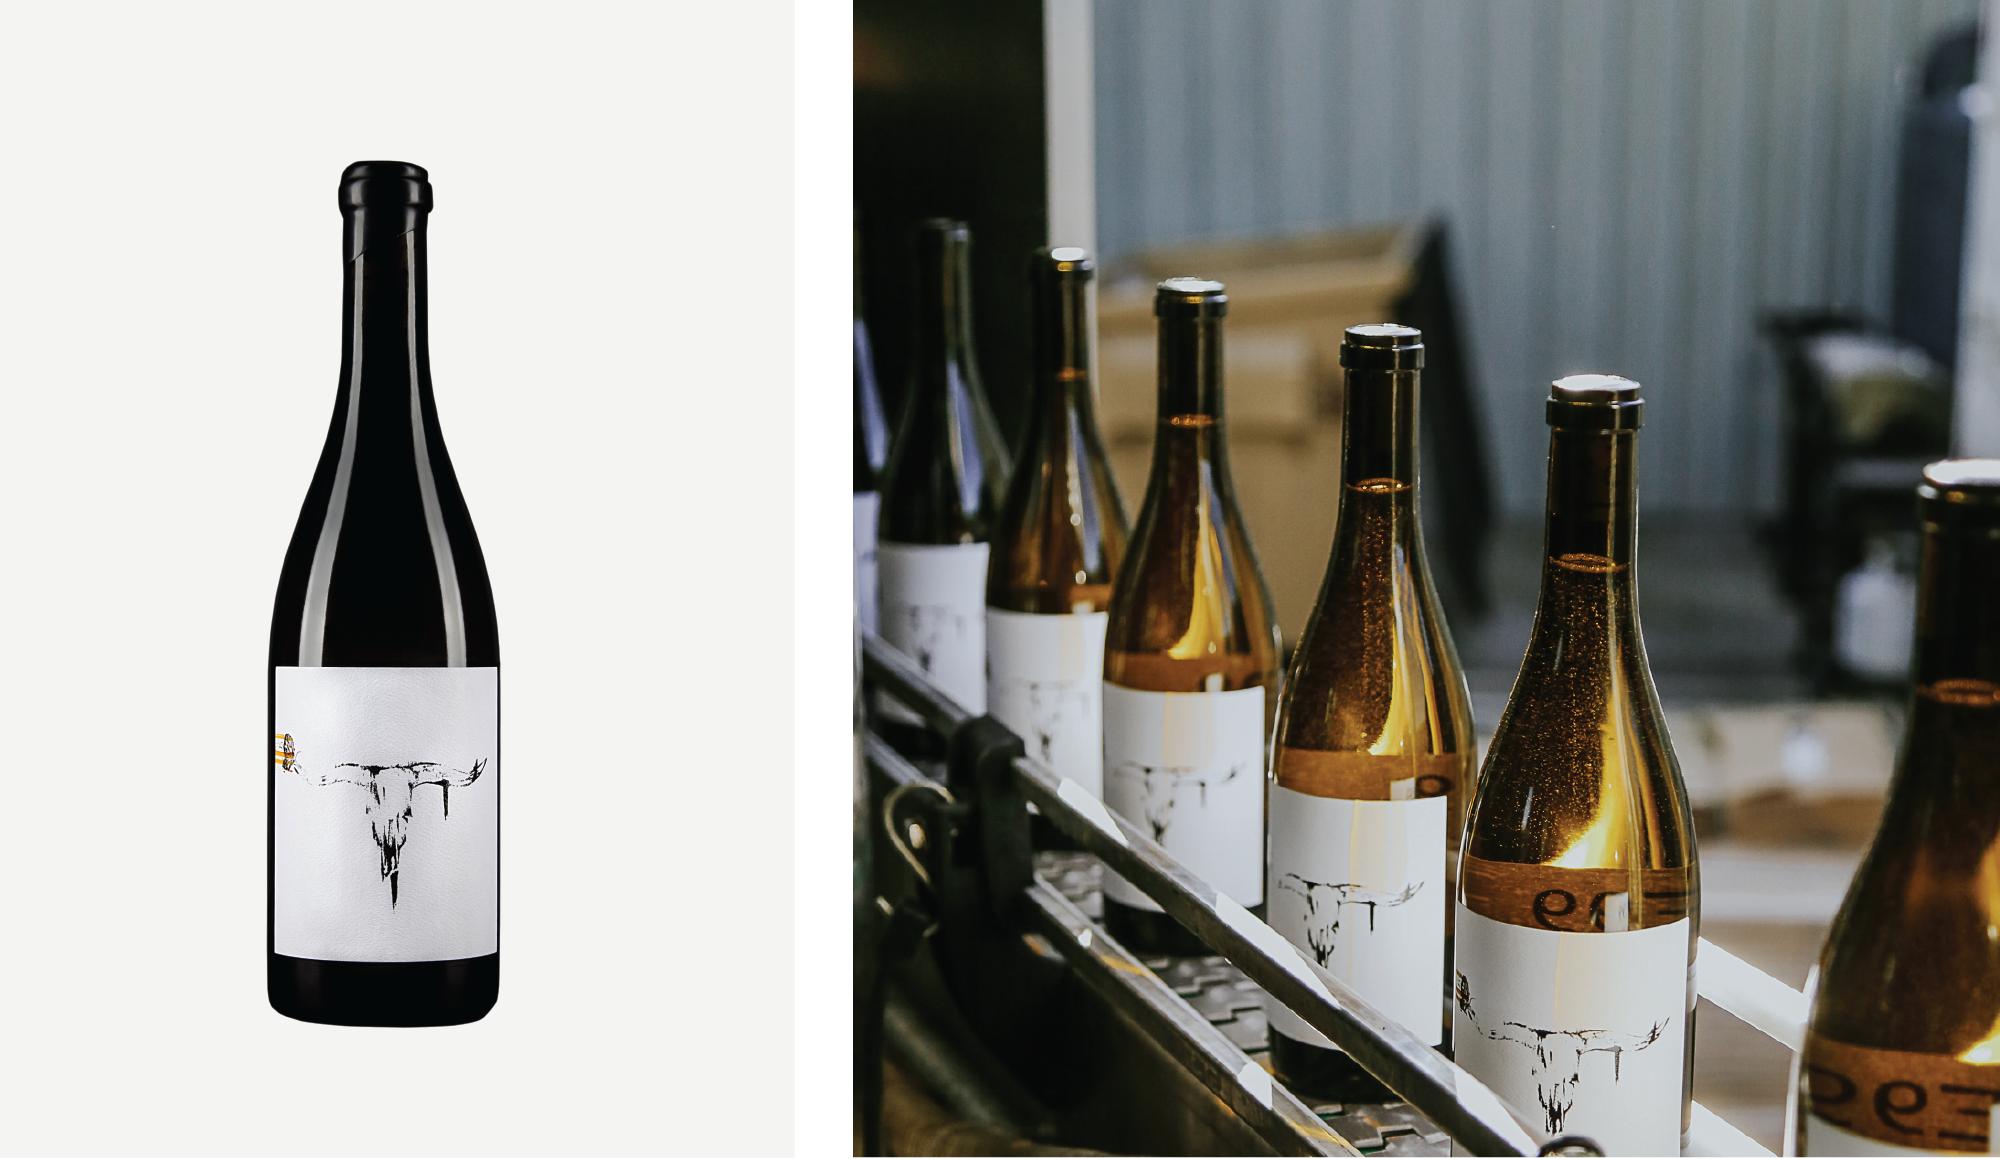 Amarie Design Co. Wine Label Design for Levo Wine E99